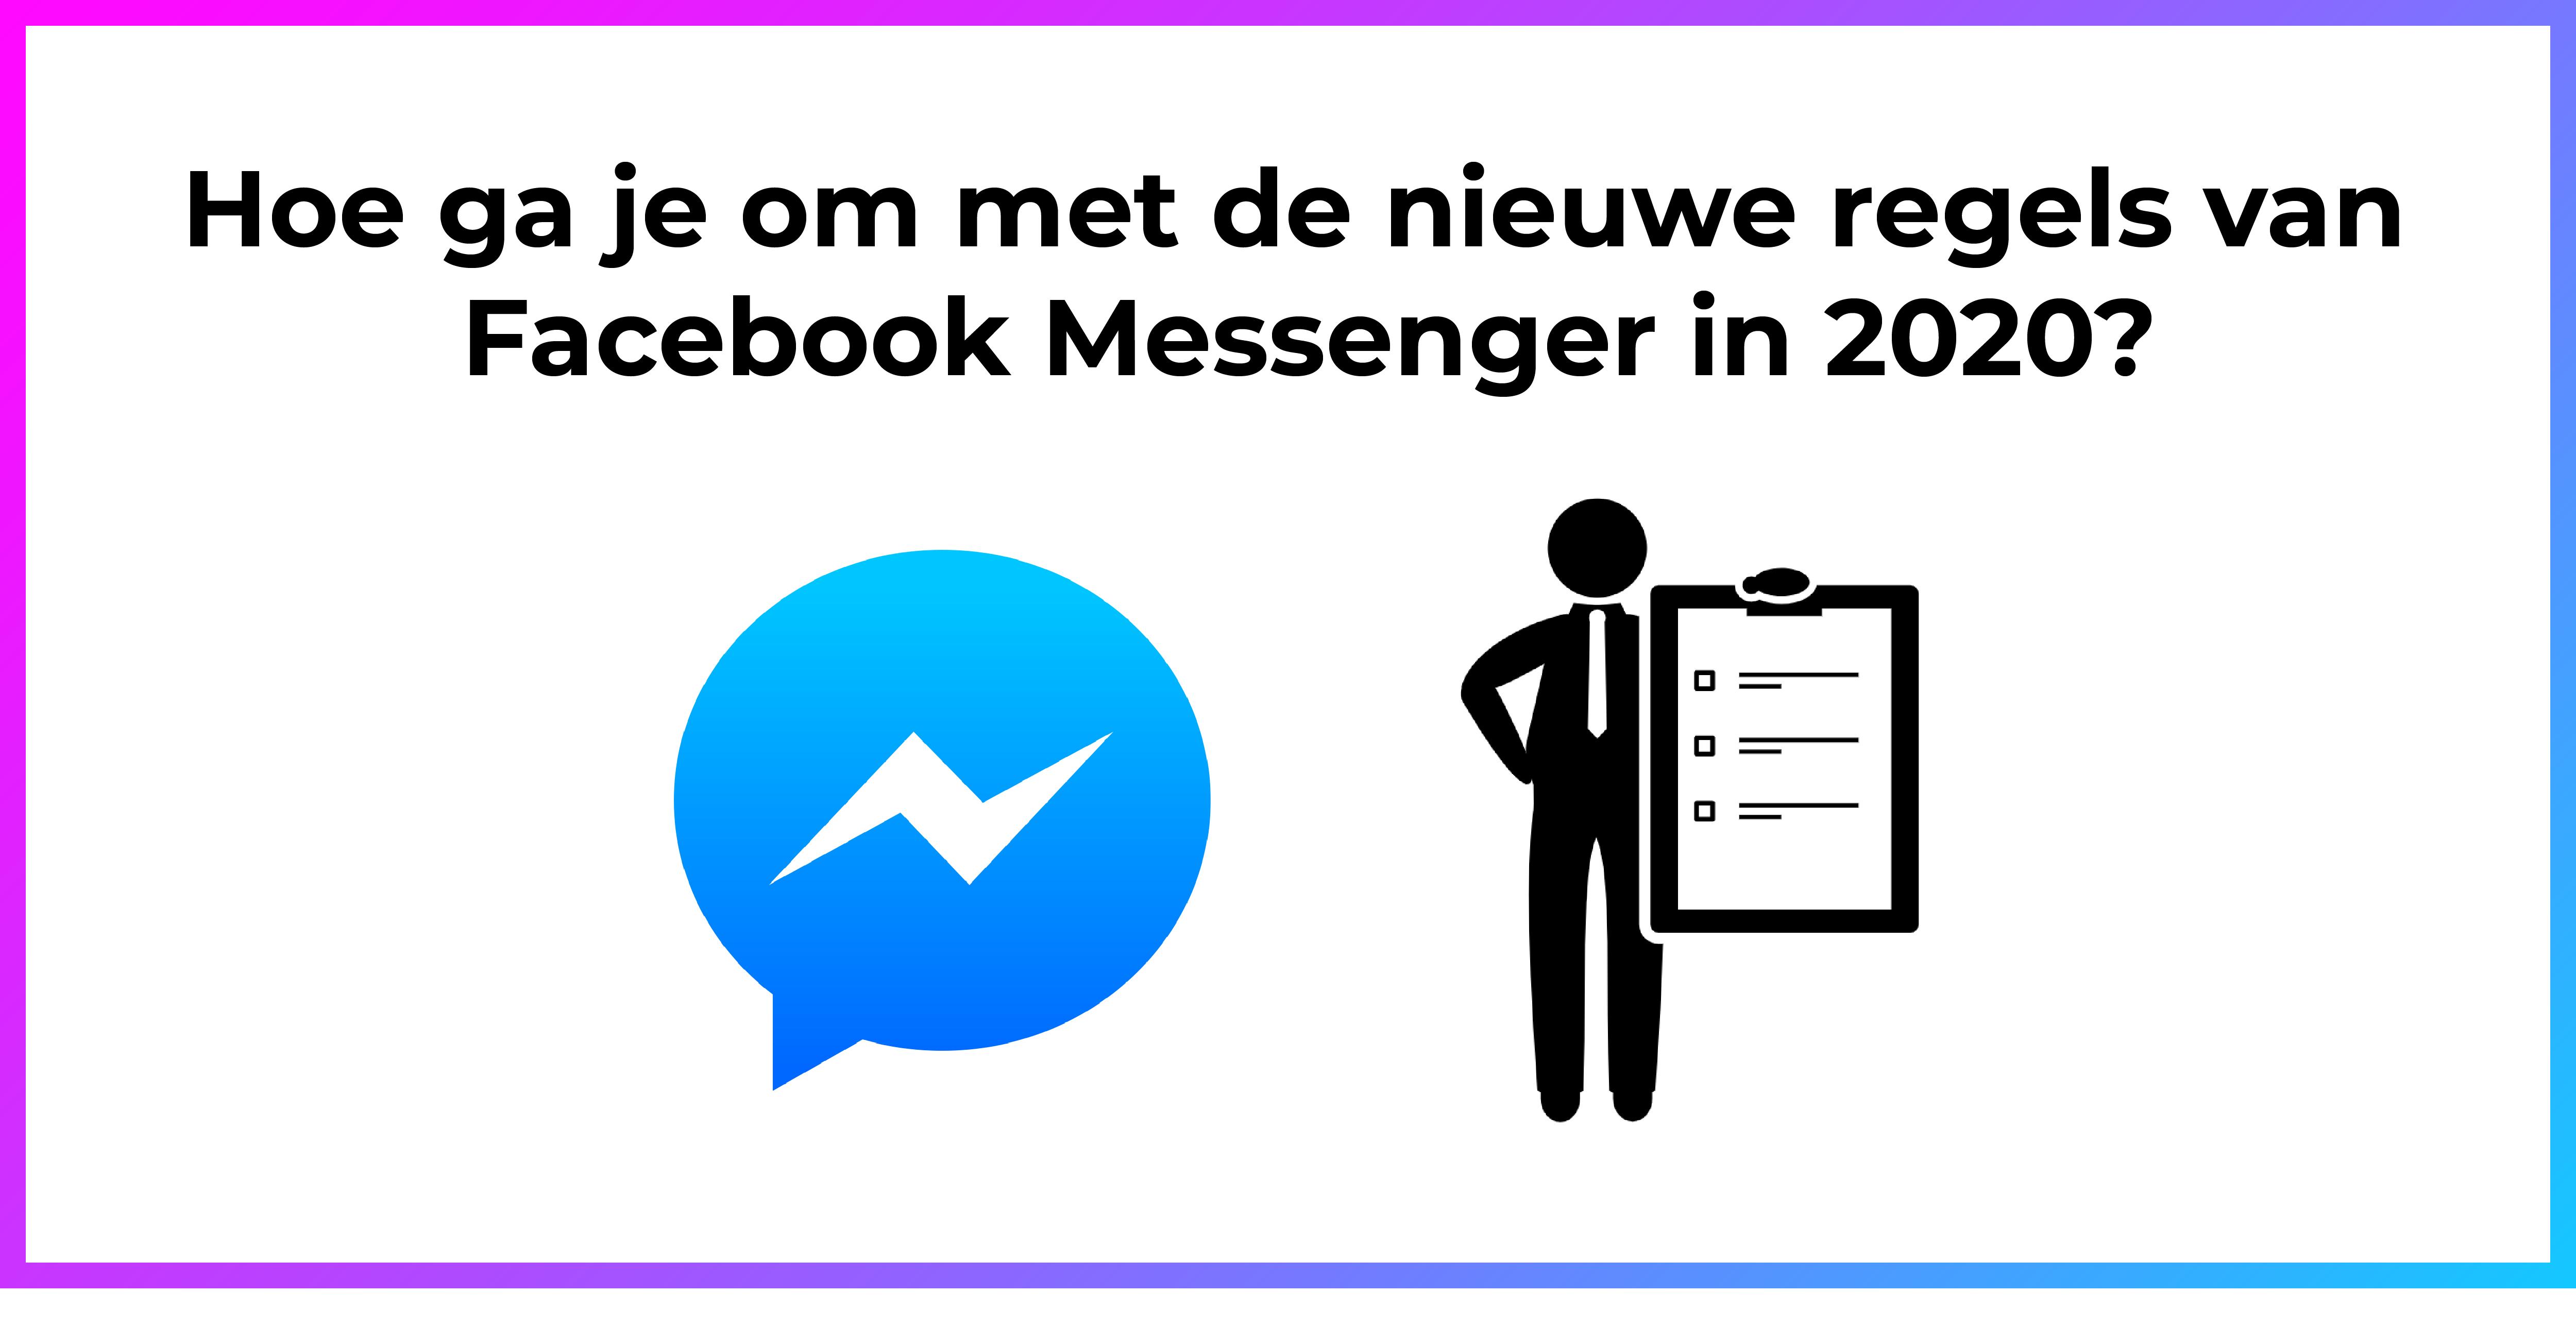 Hoe ga je om met de nieuwe regels van Facebook Messenger in 2020?